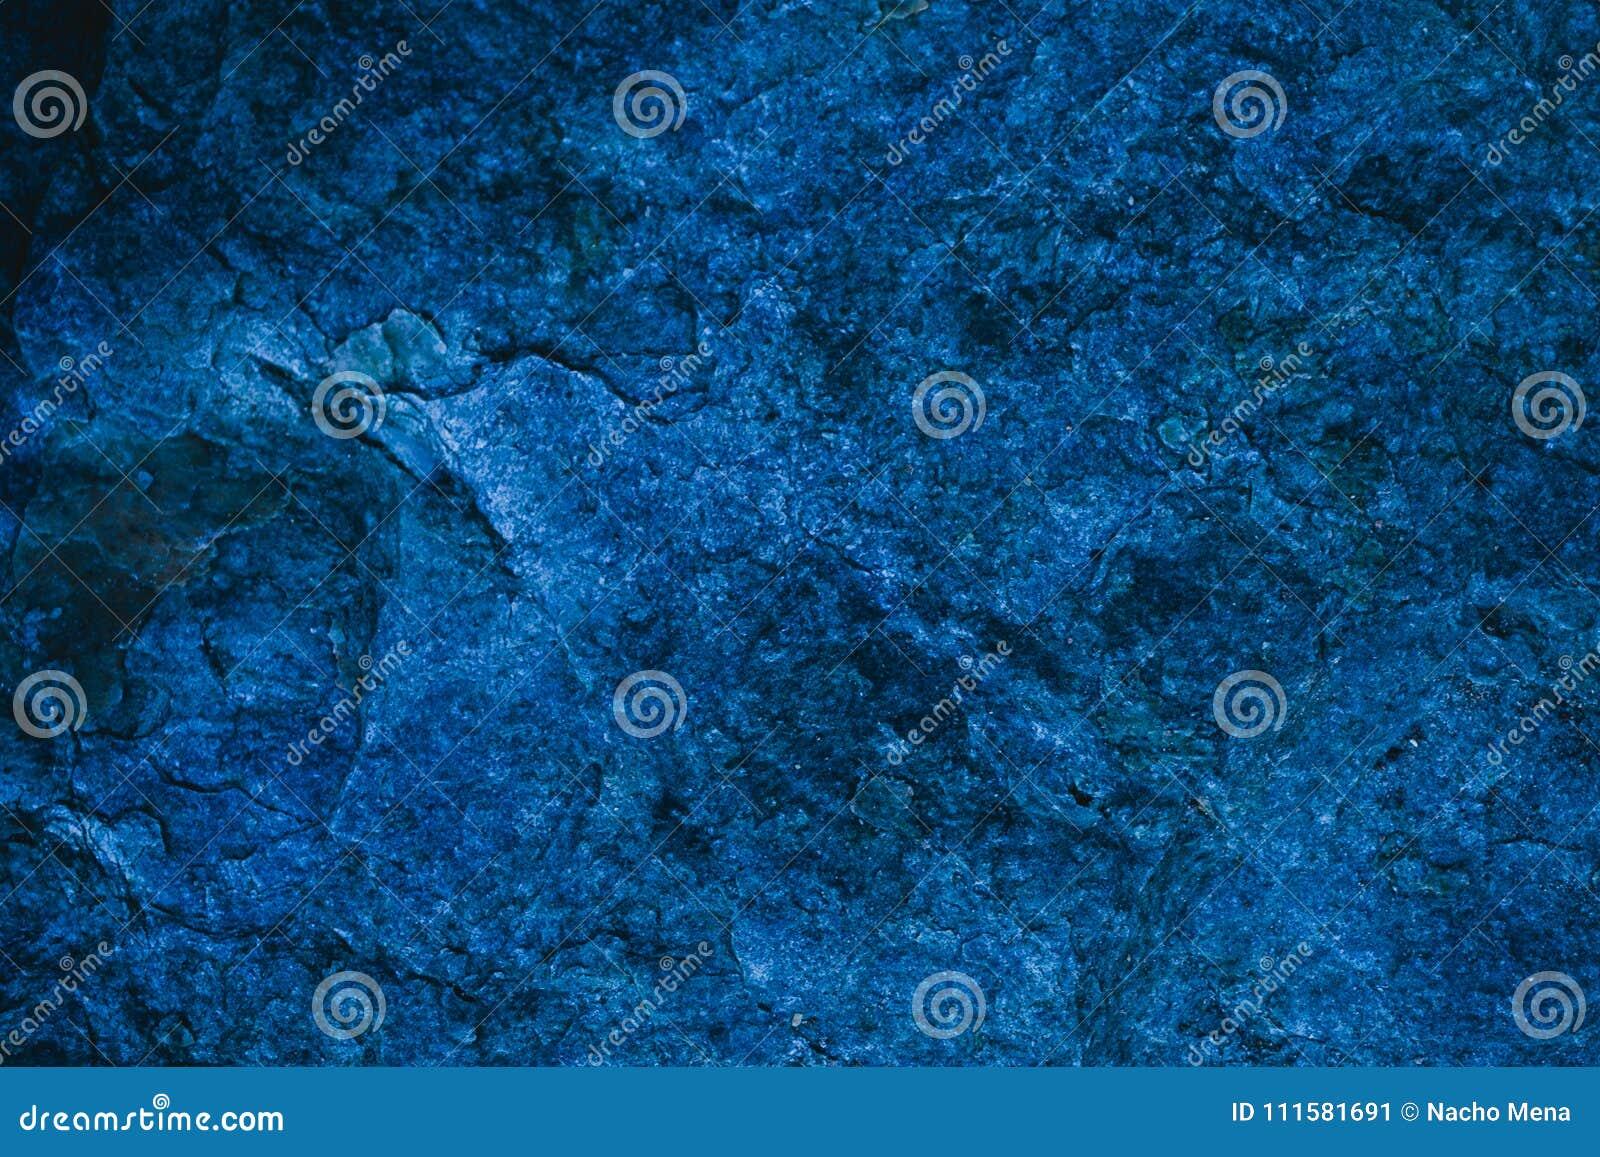 Texture Et Fond Abstraits De Bleu Marine Pour La Conception Fond